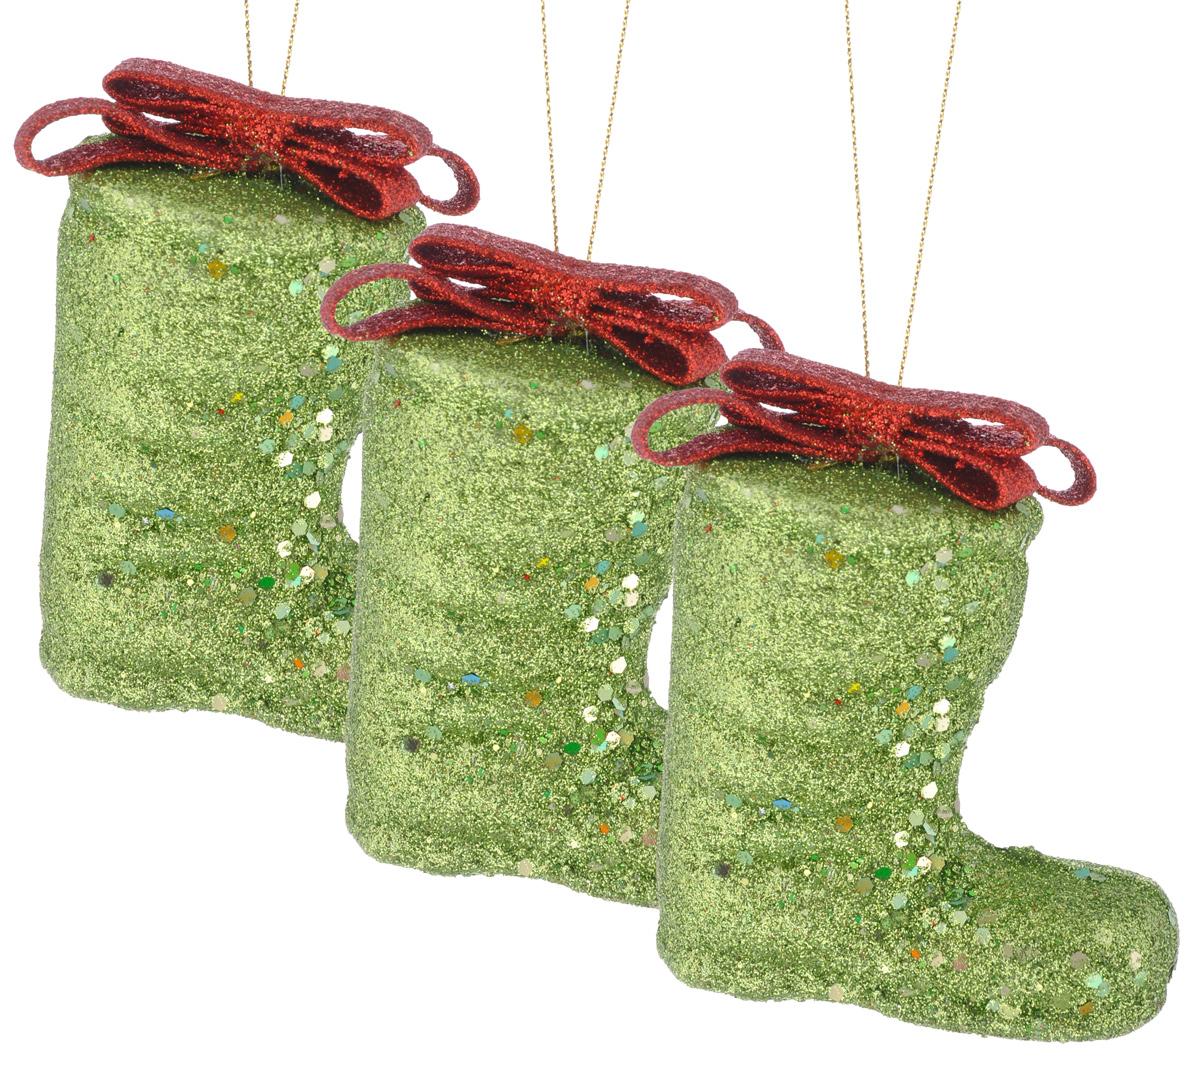 Набор елочных украшений EuroHouse Сапожок, цвет: зеленый, красный, 8 см, 3 штKT415EНабор новогодних елочных украшений EuroHouse Сапожок прекрасно подойдет для праздничного декора новогодней ели. Набор состоит из 3 пластиковых украшений в виде сапожков, оформленных блестками и бантиками. Для удобного размещения на елке для каждого украшения предусмотрена текстильная петелька. Елочная игрушка - символ Нового года. Она несет в себе волшебство и красоту праздника. Создайте в своем доме атмосферу веселья и радости, украшая новогоднюю елку нарядными игрушками, которые будут из года в год накапливать теплоту воспоминаний. Откройте для себя удивительный мир сказок и грез. Почувствуйте волшебные минуты ожидания праздника, создайте новогоднее настроение вашим дорогим и близким.Высота украшений: 8 см.